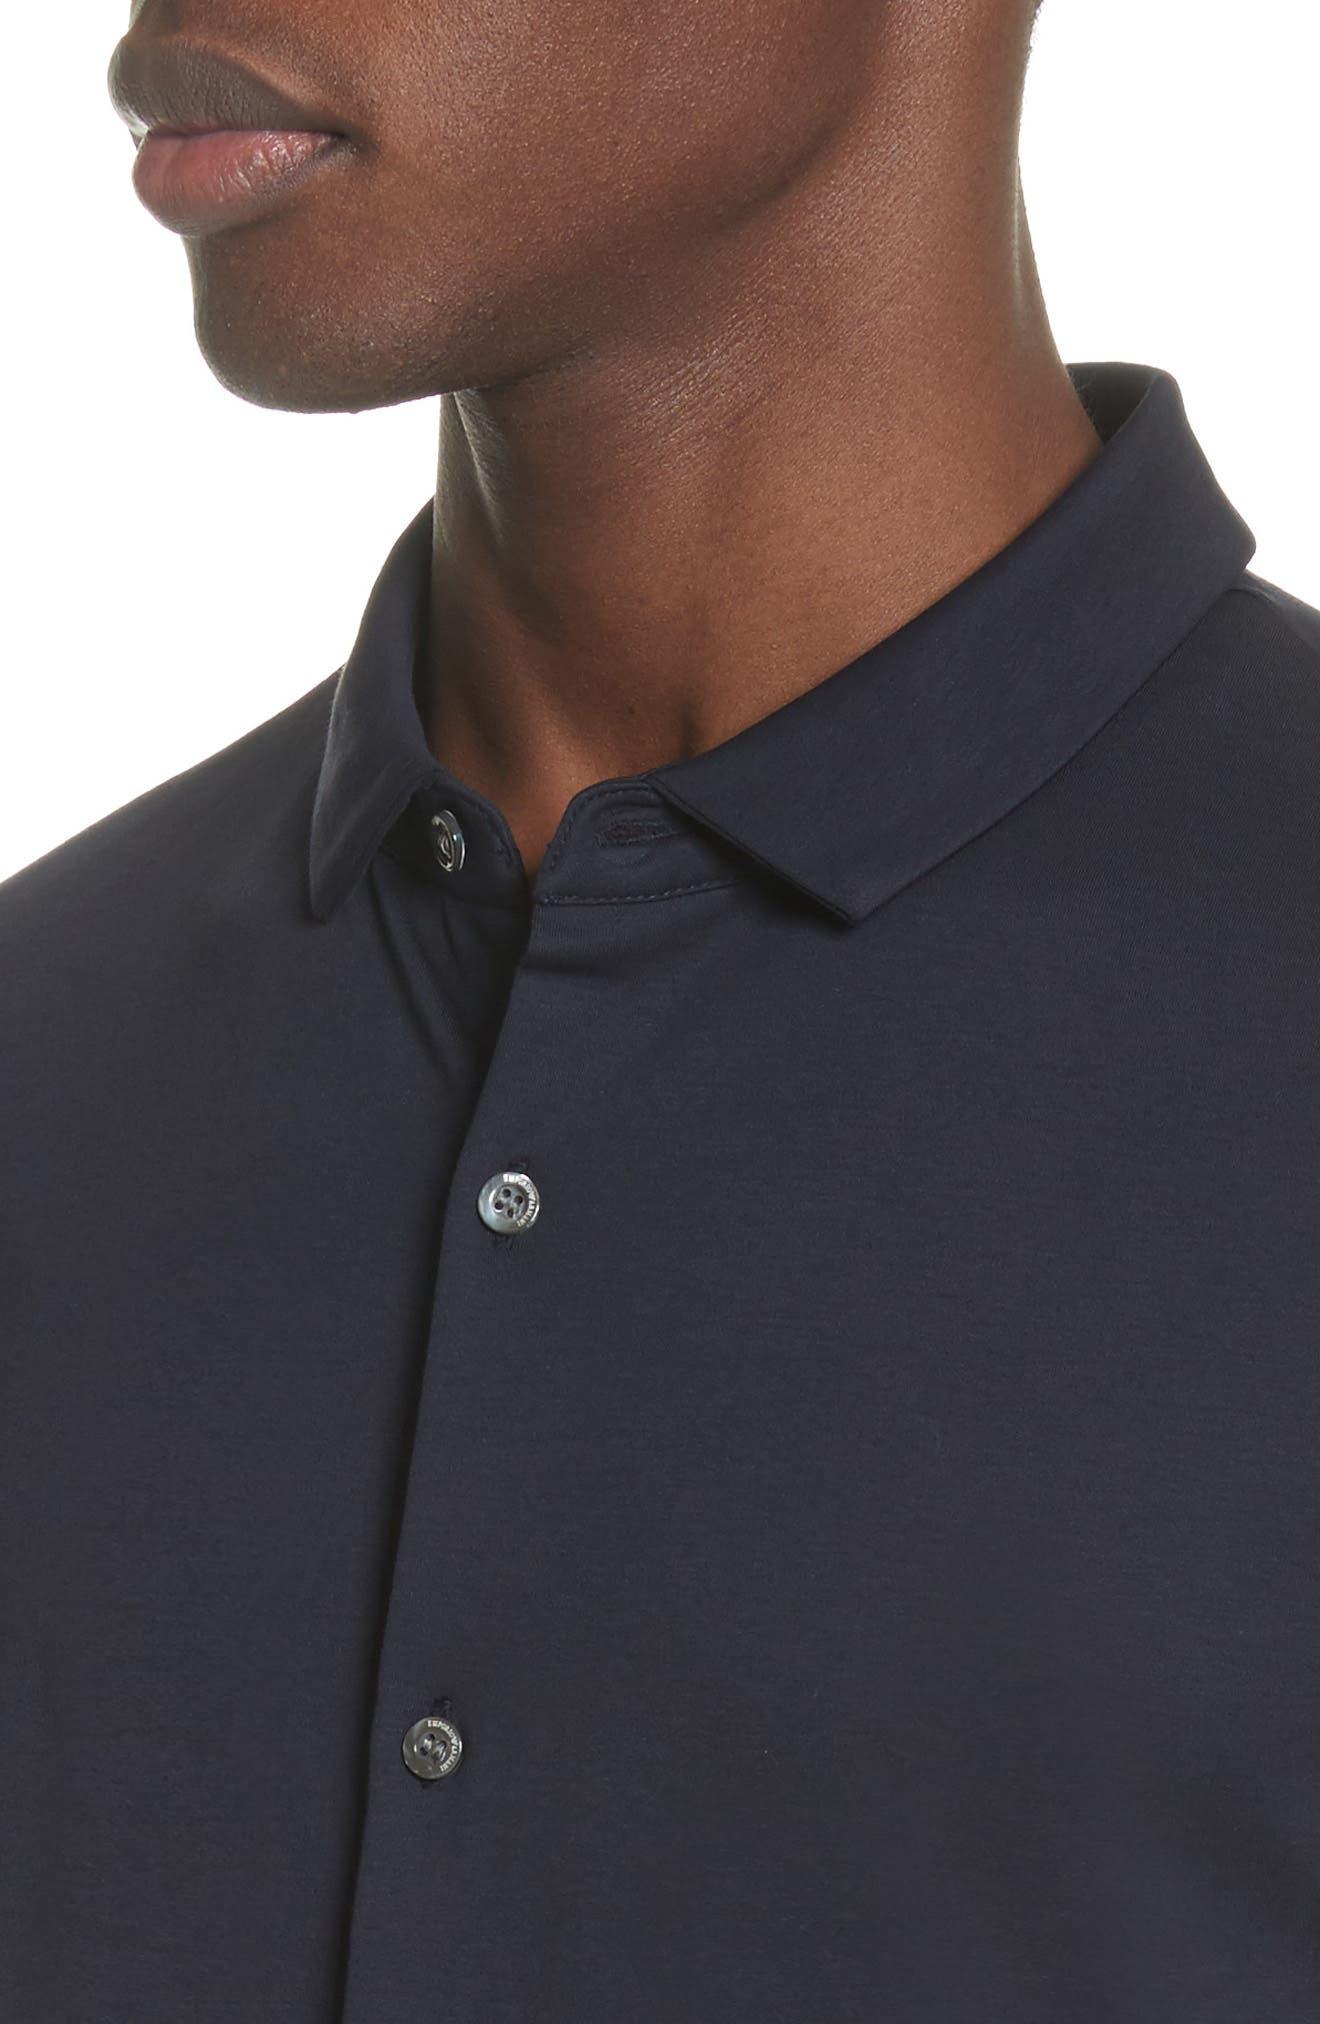 Slim Fit Cotton Knit Sport Shirt,                             Alternate thumbnail 4, color,                             Blue Navy